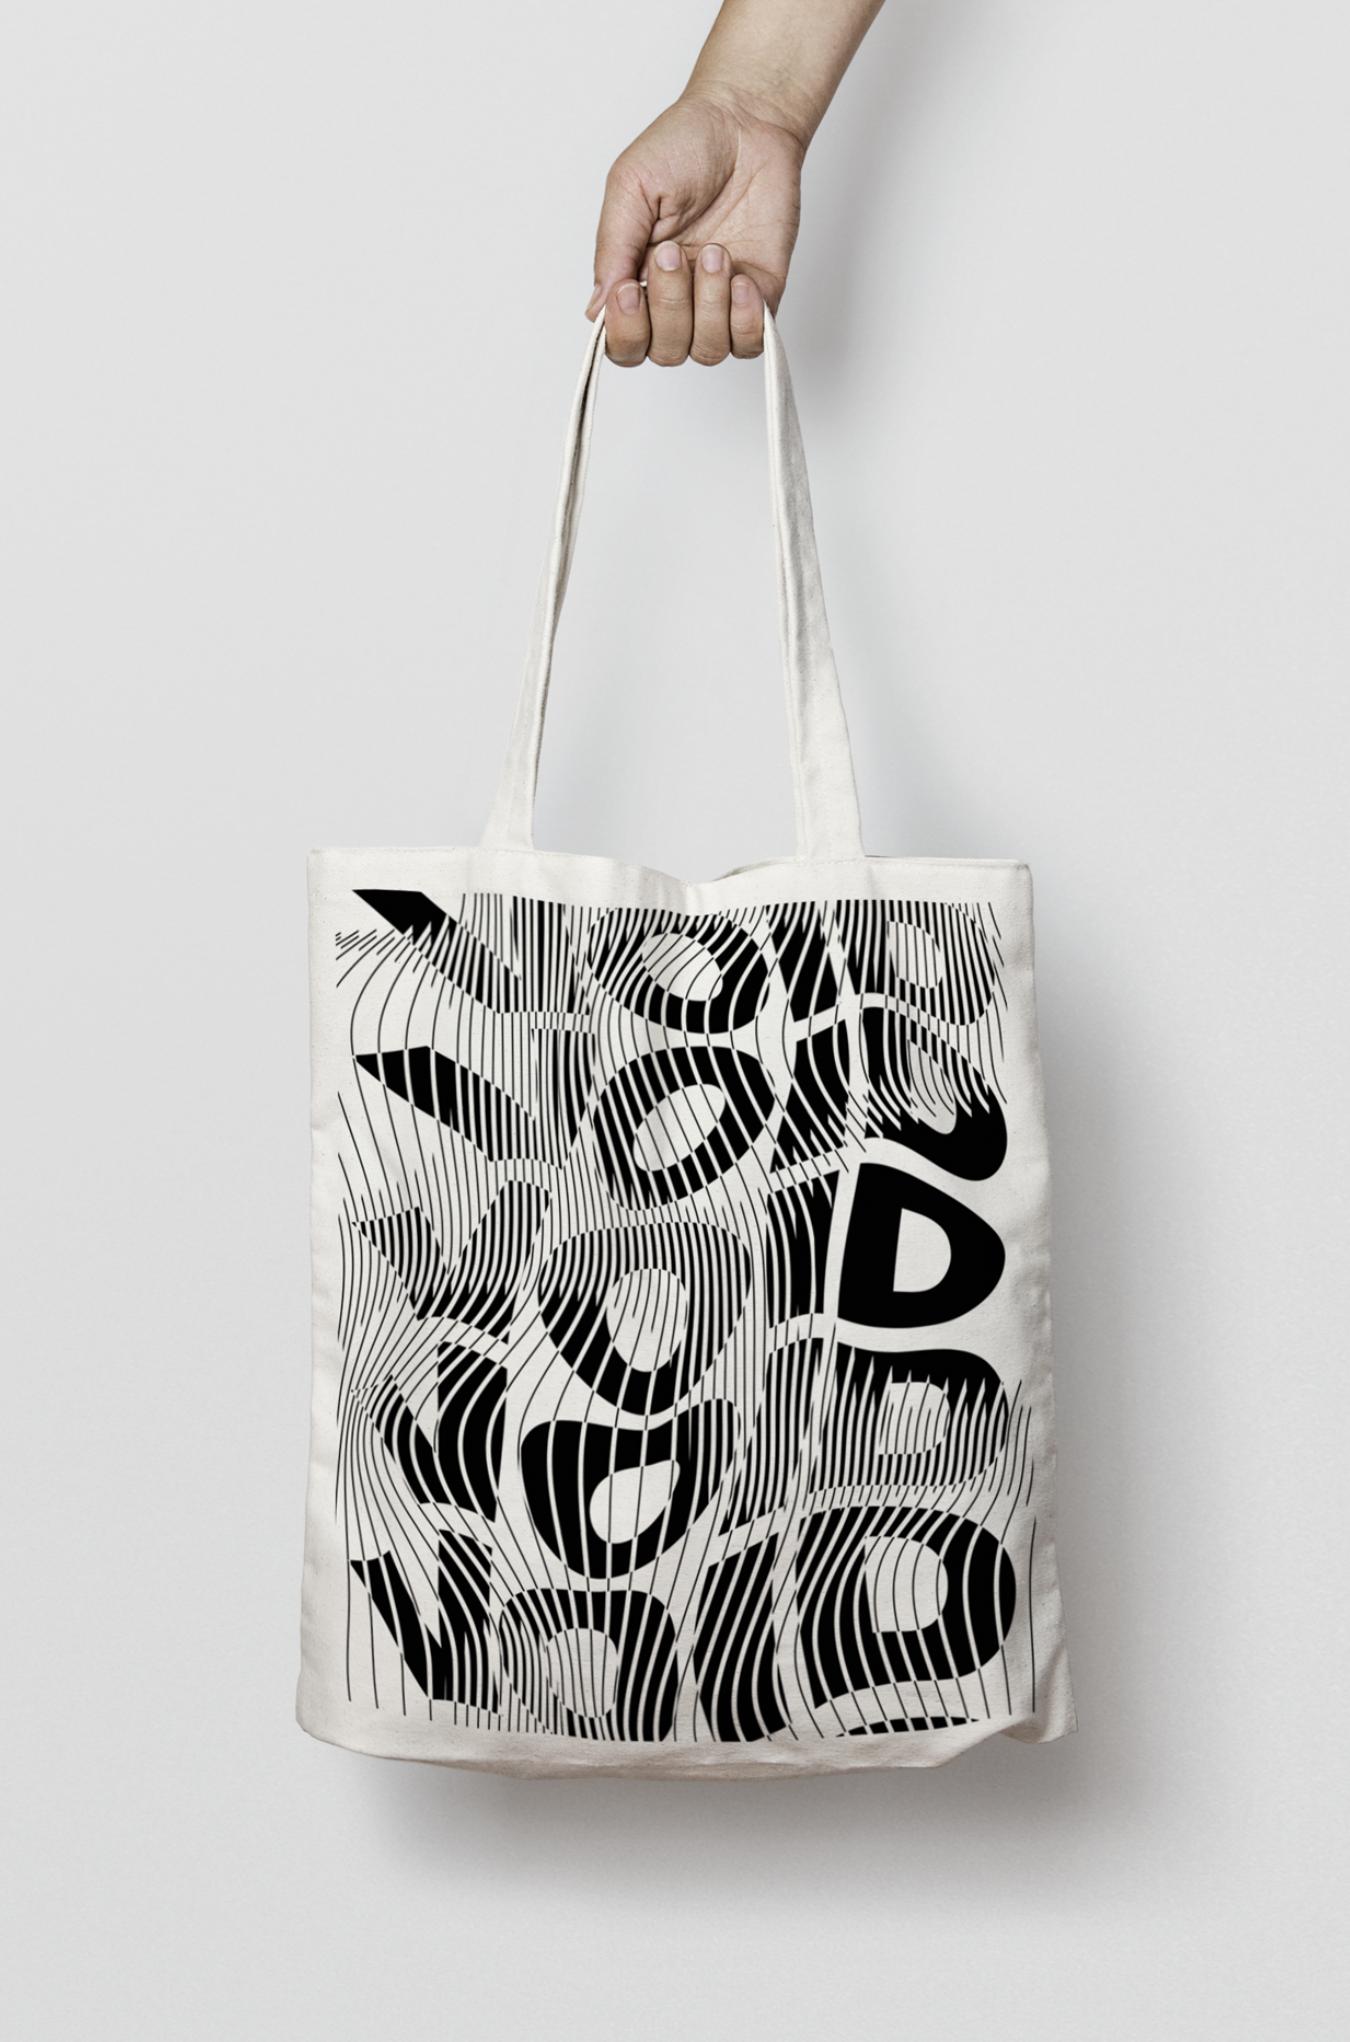 VOID_Visual_Identity_Brand_Design_Nicolas_Fuhr_Studio_06.png